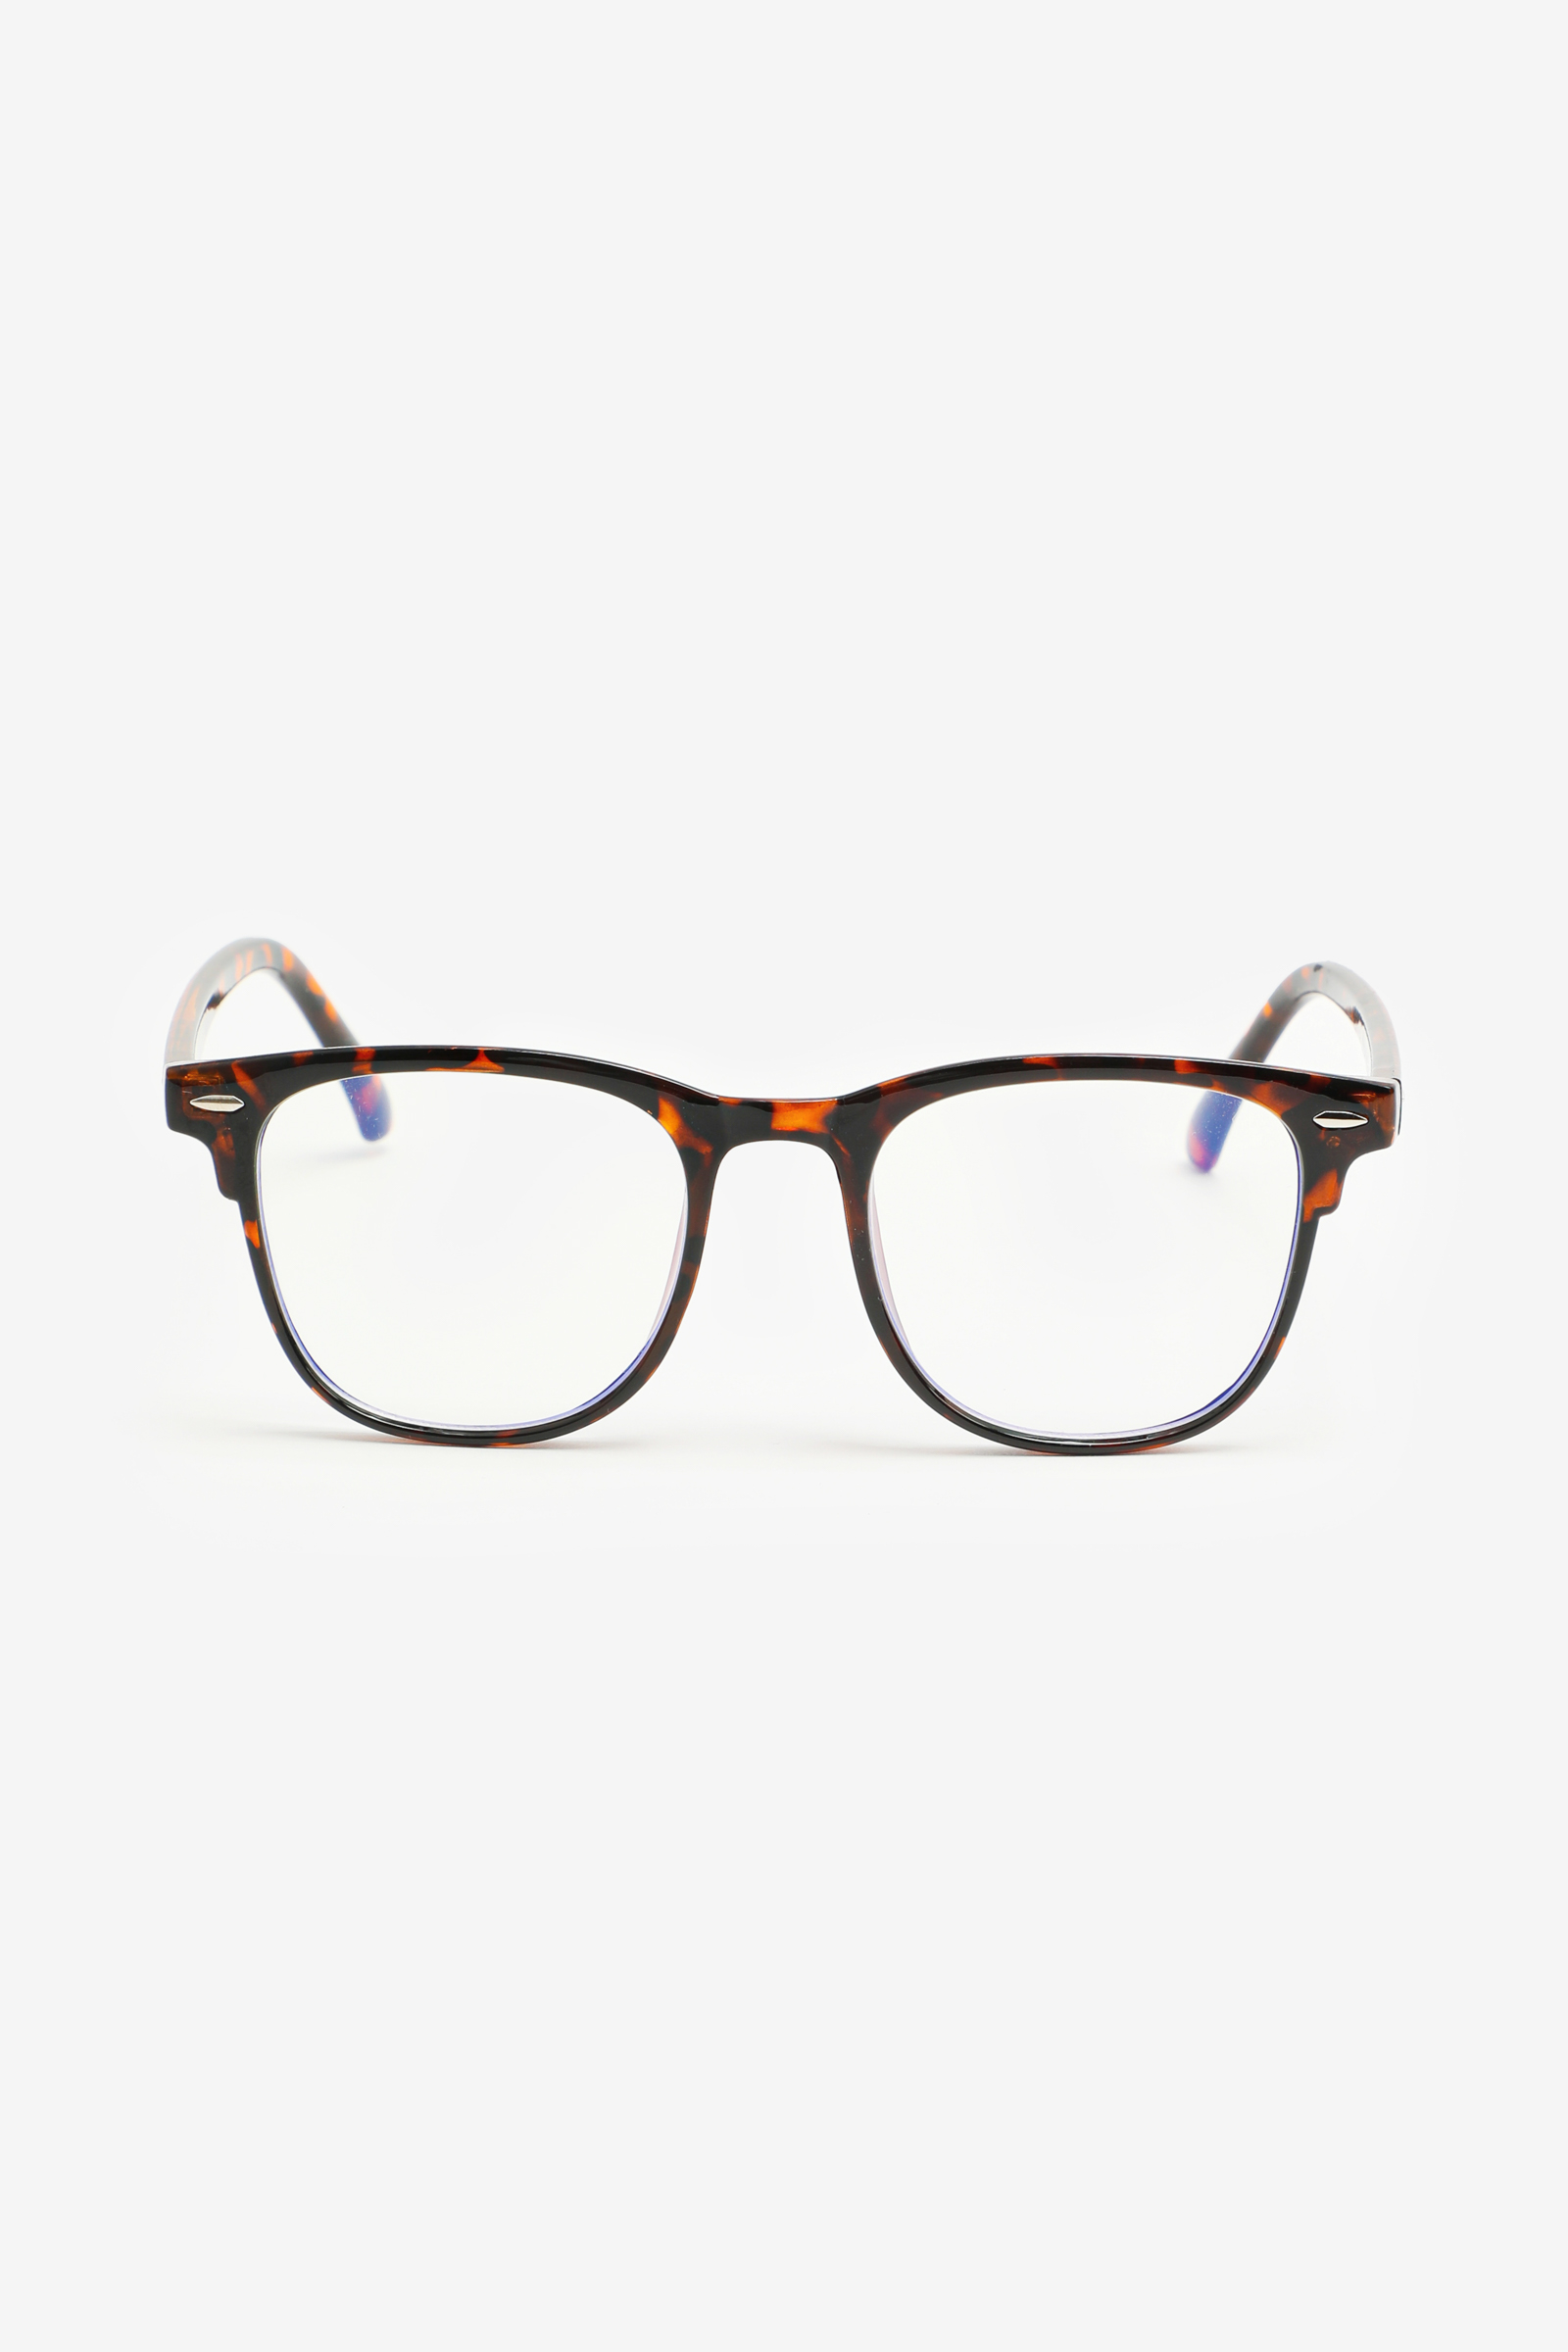 Blue Light Tortoiseshell Glasses